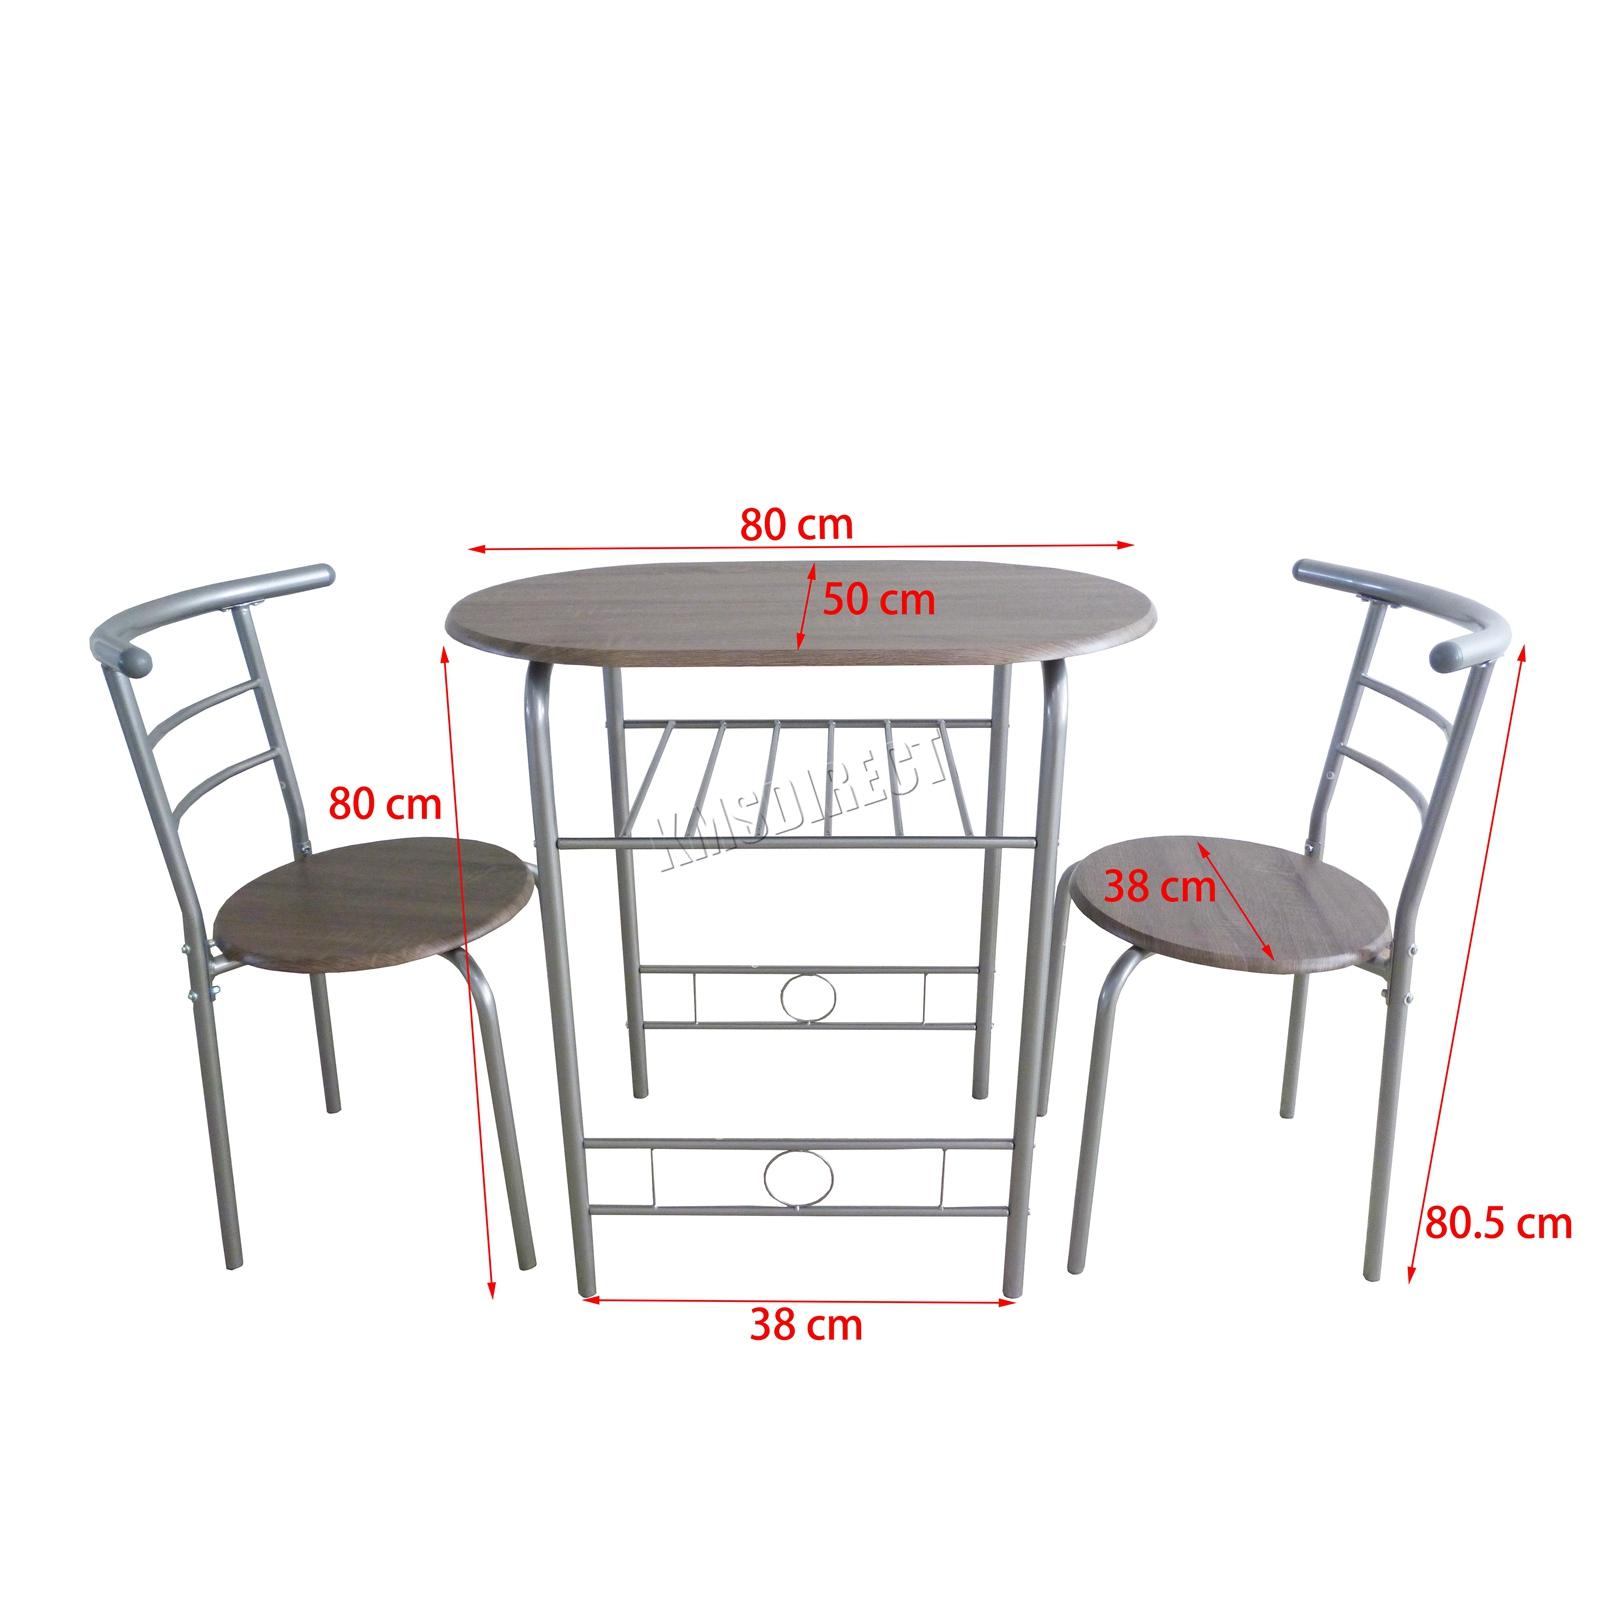 Details Sur Westwood Compact Table De Salle A Manger Dejeuner Bar 2 Kit Chaise Metal Mdf Cuisine Ds06 Afficher Le Titre D Origine